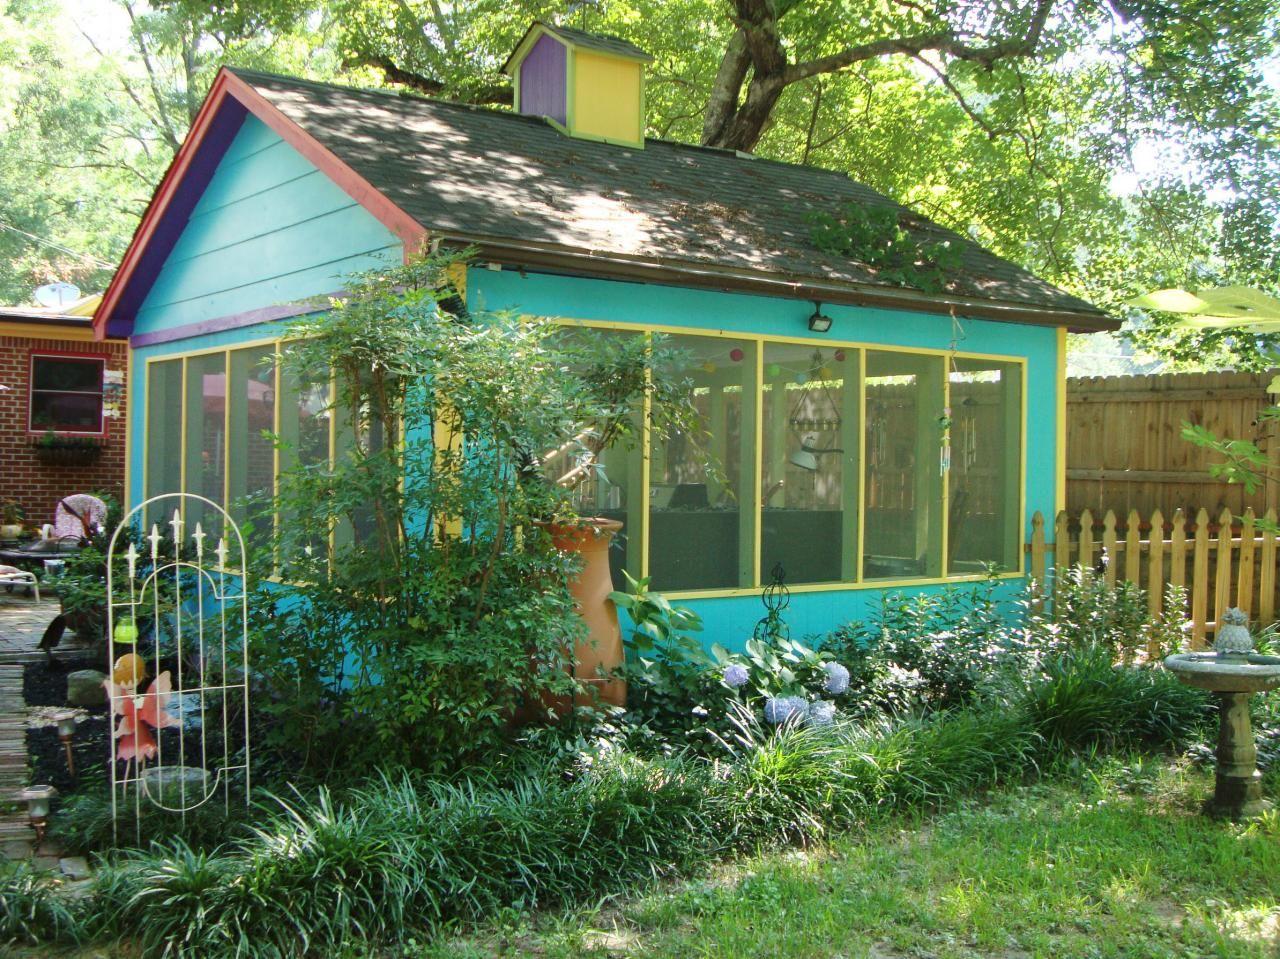 Charming Garden Retreats | Hgtv, Outdoor spaces and Screen house